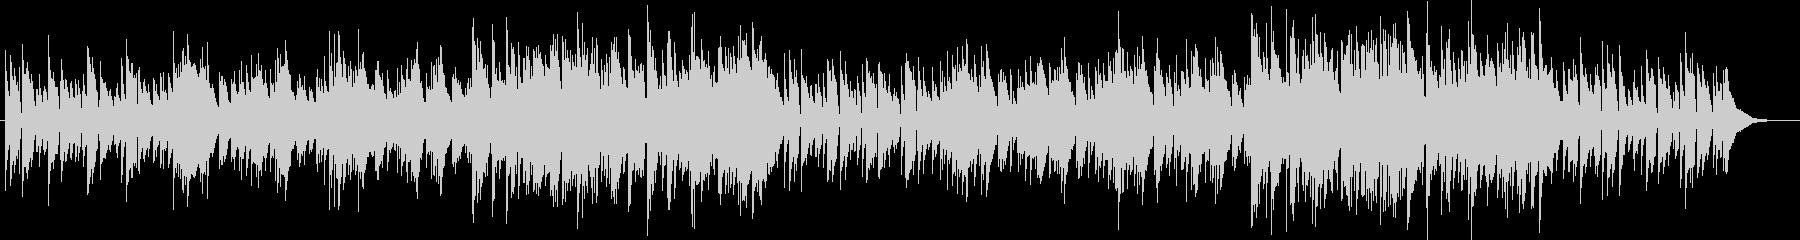 アコギ生演奏 しっとり 美しい 印象派の未再生の波形